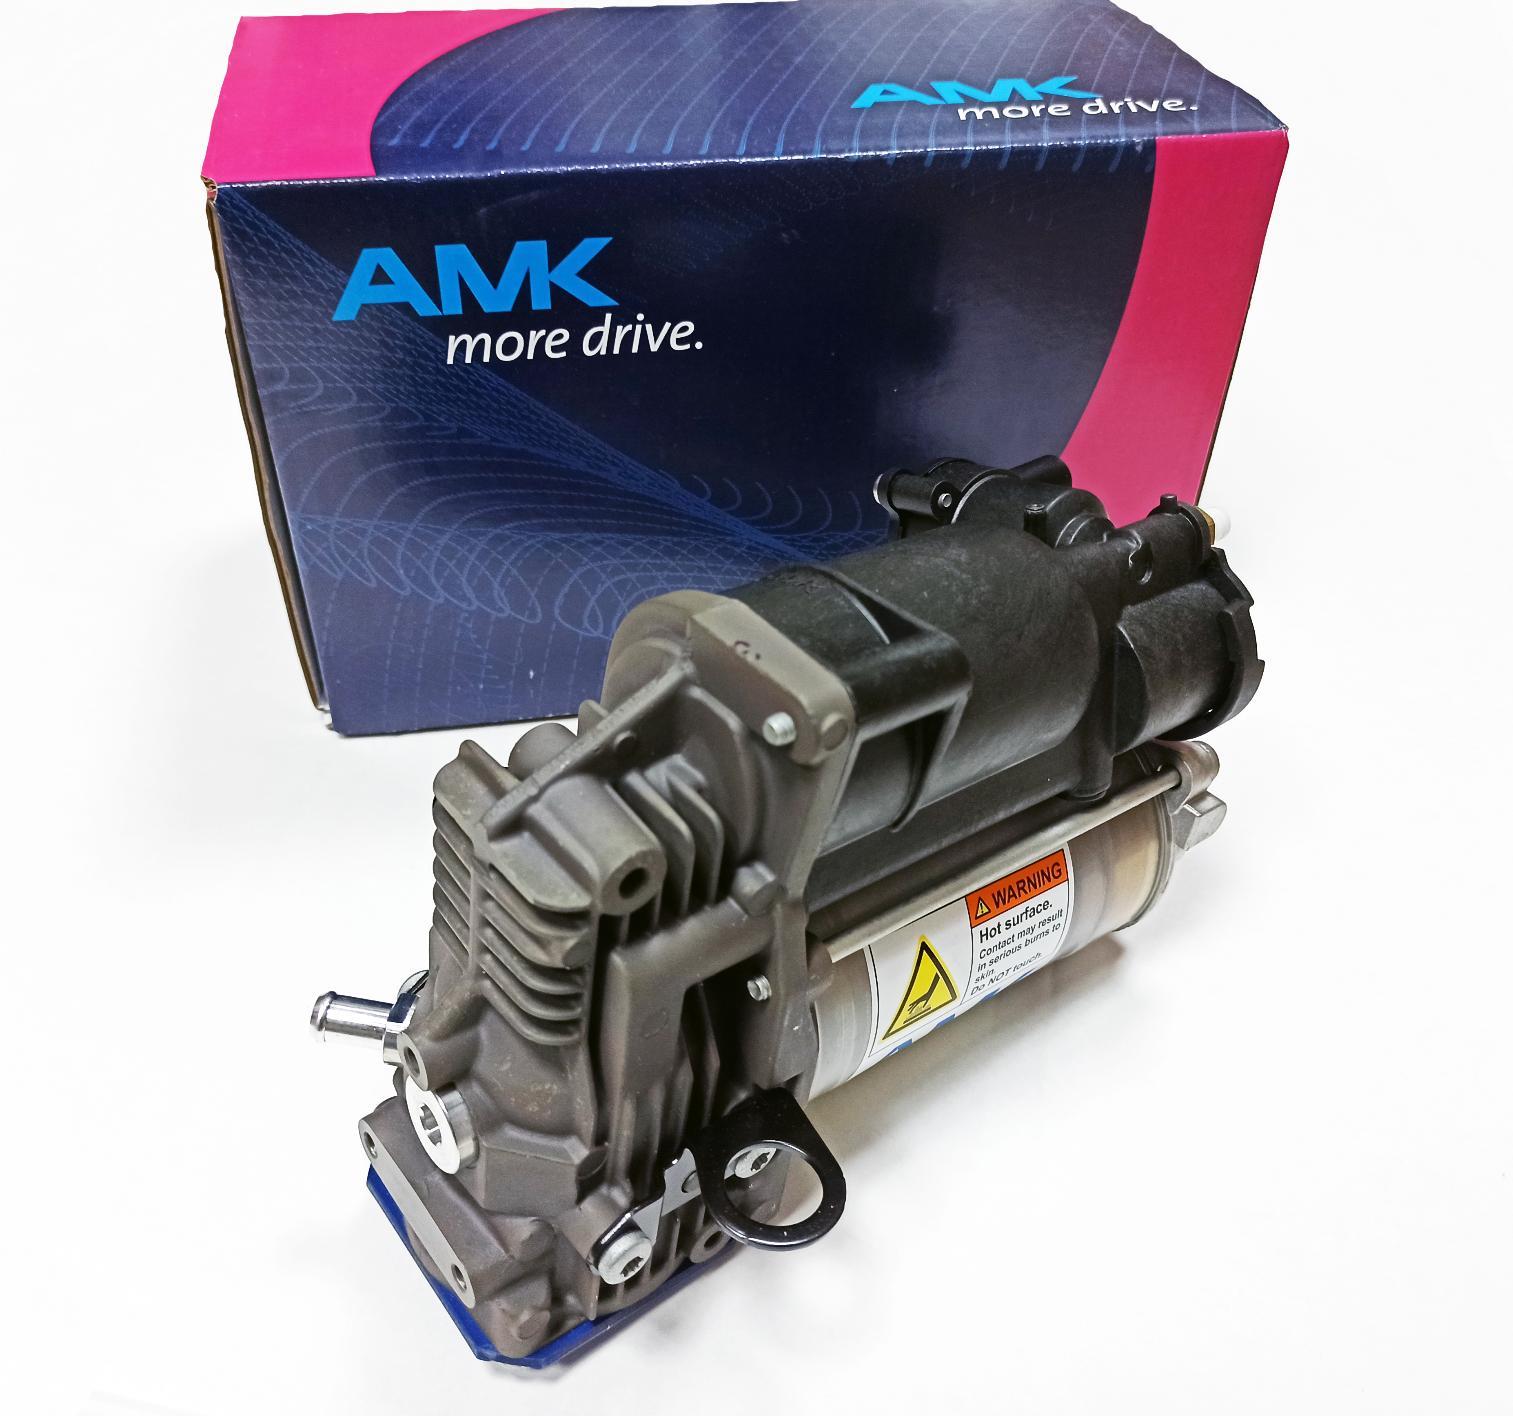 картинка Новый оригинальный компрессор пневмоподвески AMK для Mercedes X164 GL, W164 ML (A1643201204) от магазина пневмоподвески ПневмоМаркет